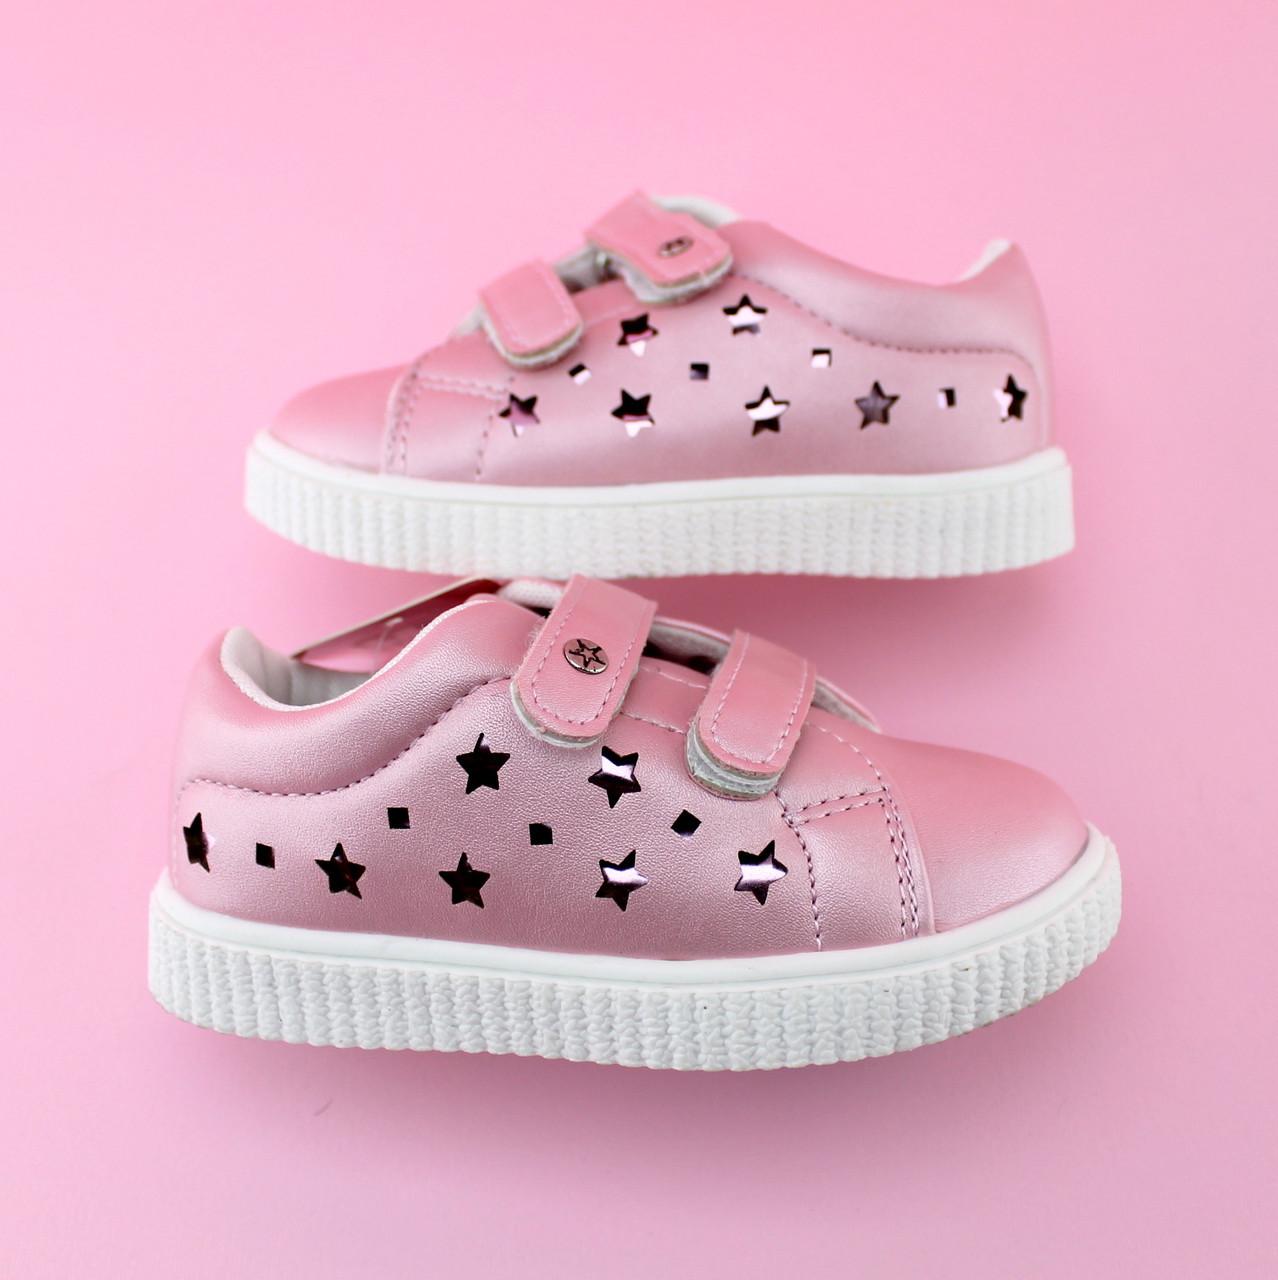 87a5aab13 Детские кроссовки розовые для девочки бренд Том.м размер 21,25 - BonKids -